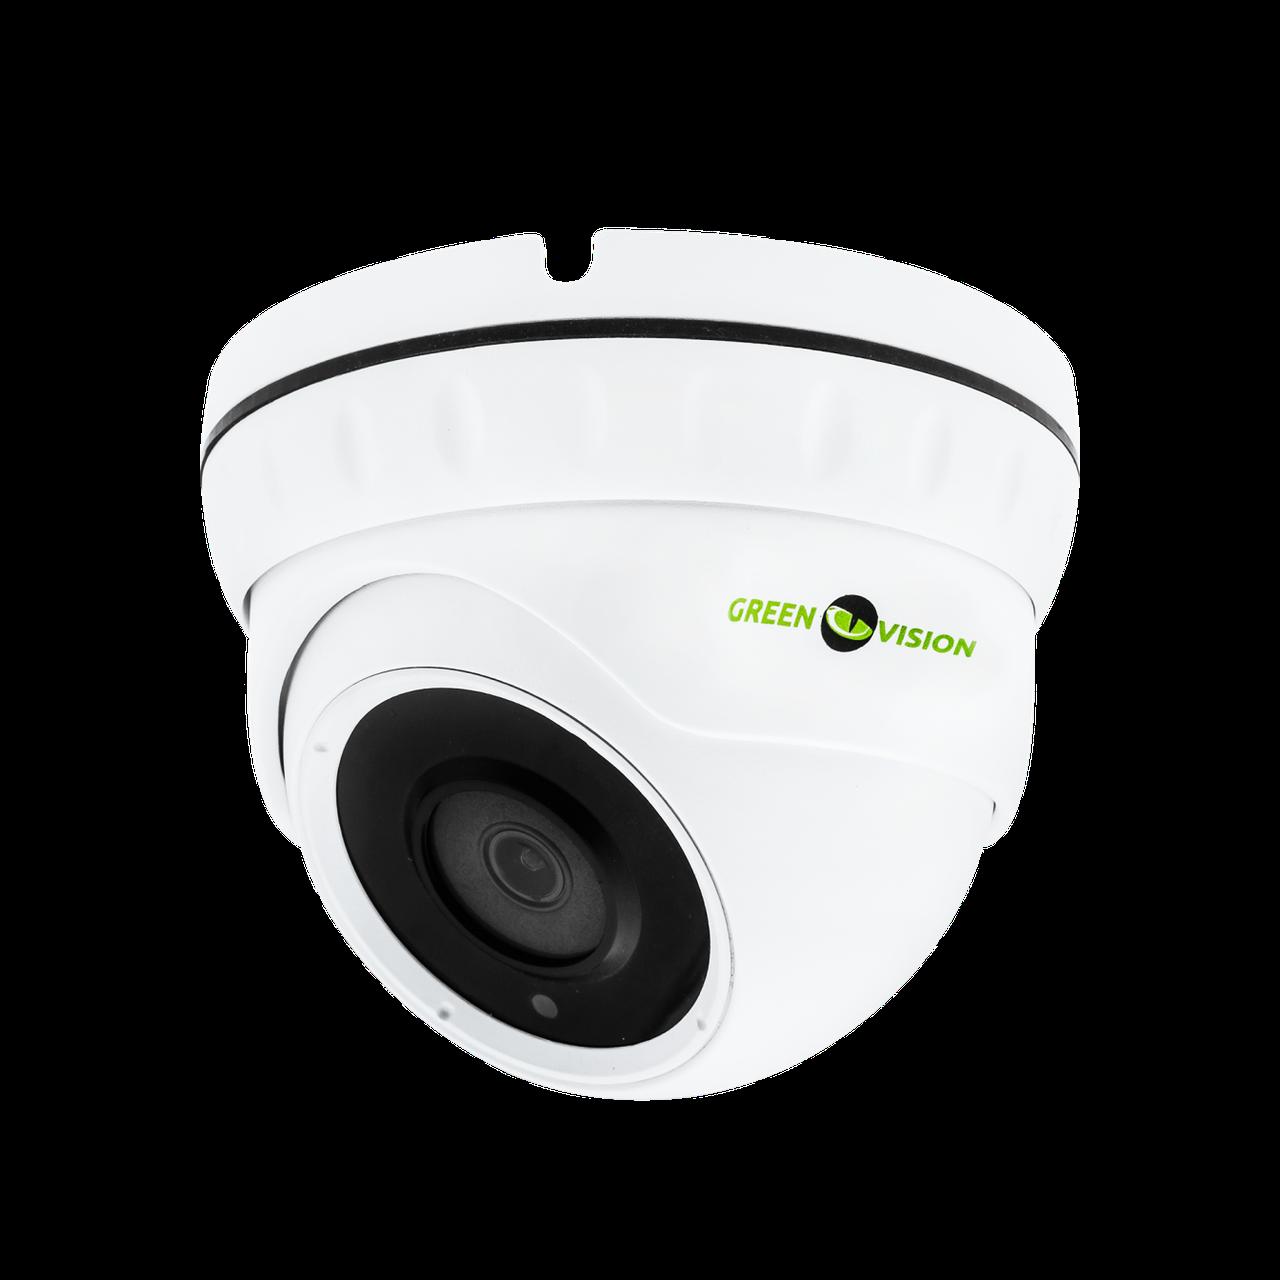 Антивандальна IP камера для внутрішньої і зовнішньої установки Green Vision GV-080-IP-E-DOS50-30